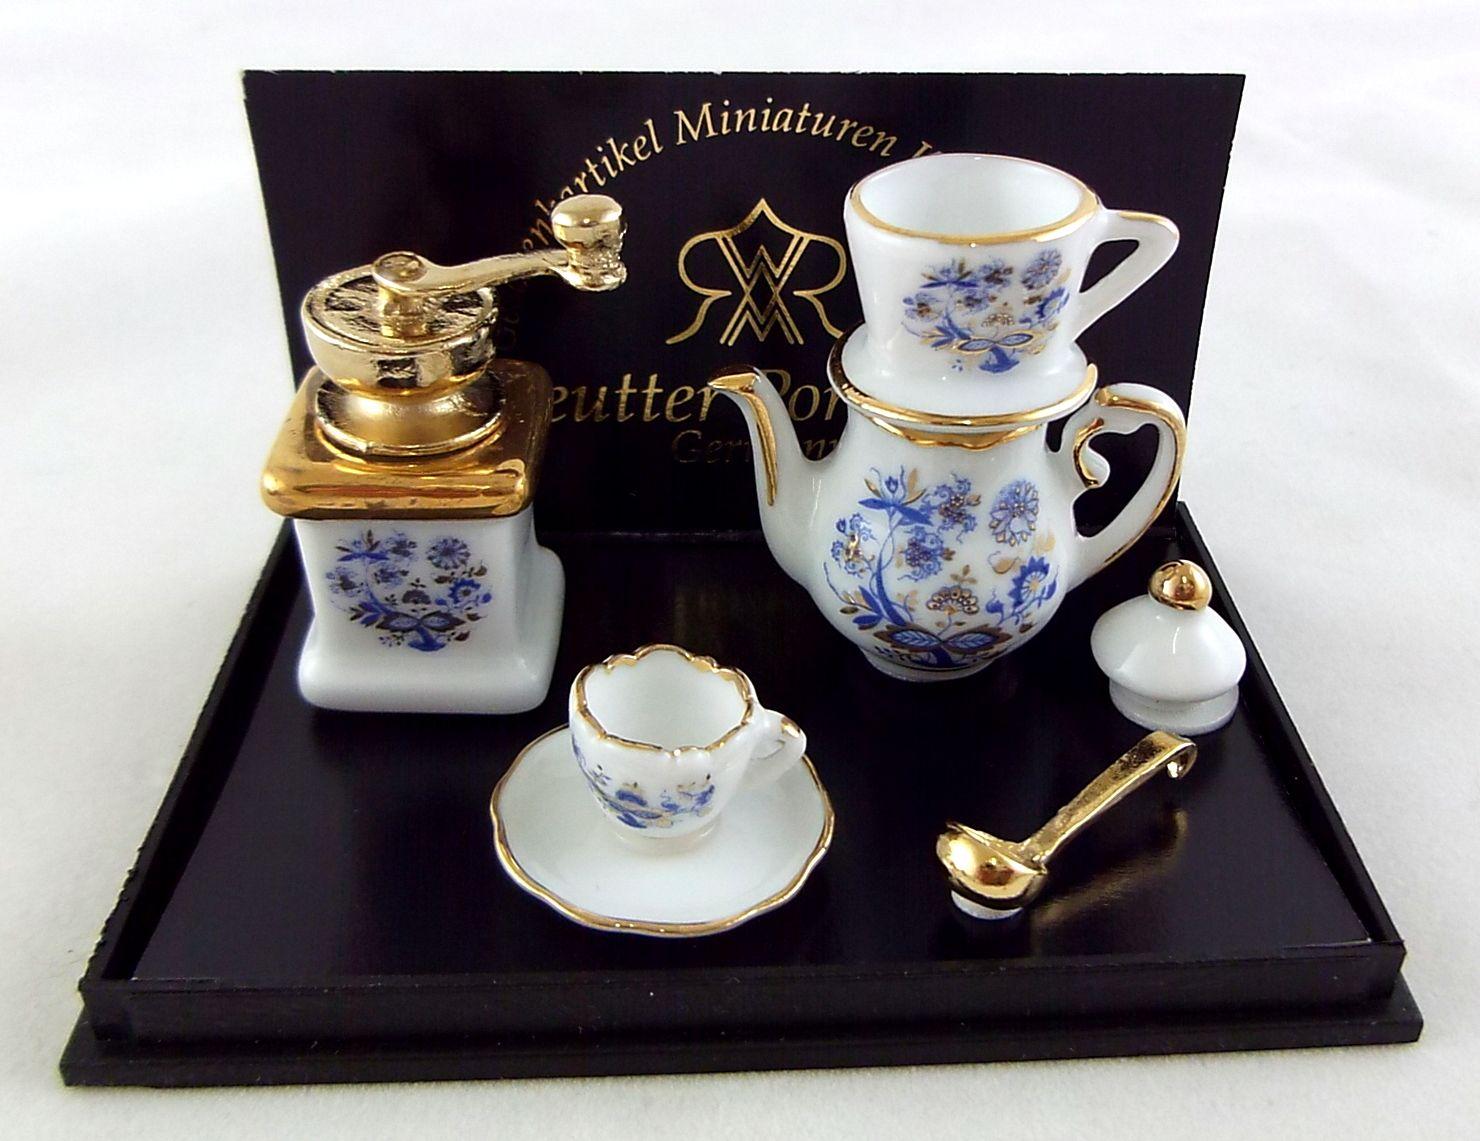 MINIATURE DOLLHOUSE 1:12 SCALE REUTTER BLUE ONION COFFEE MUG SET 1.808//5